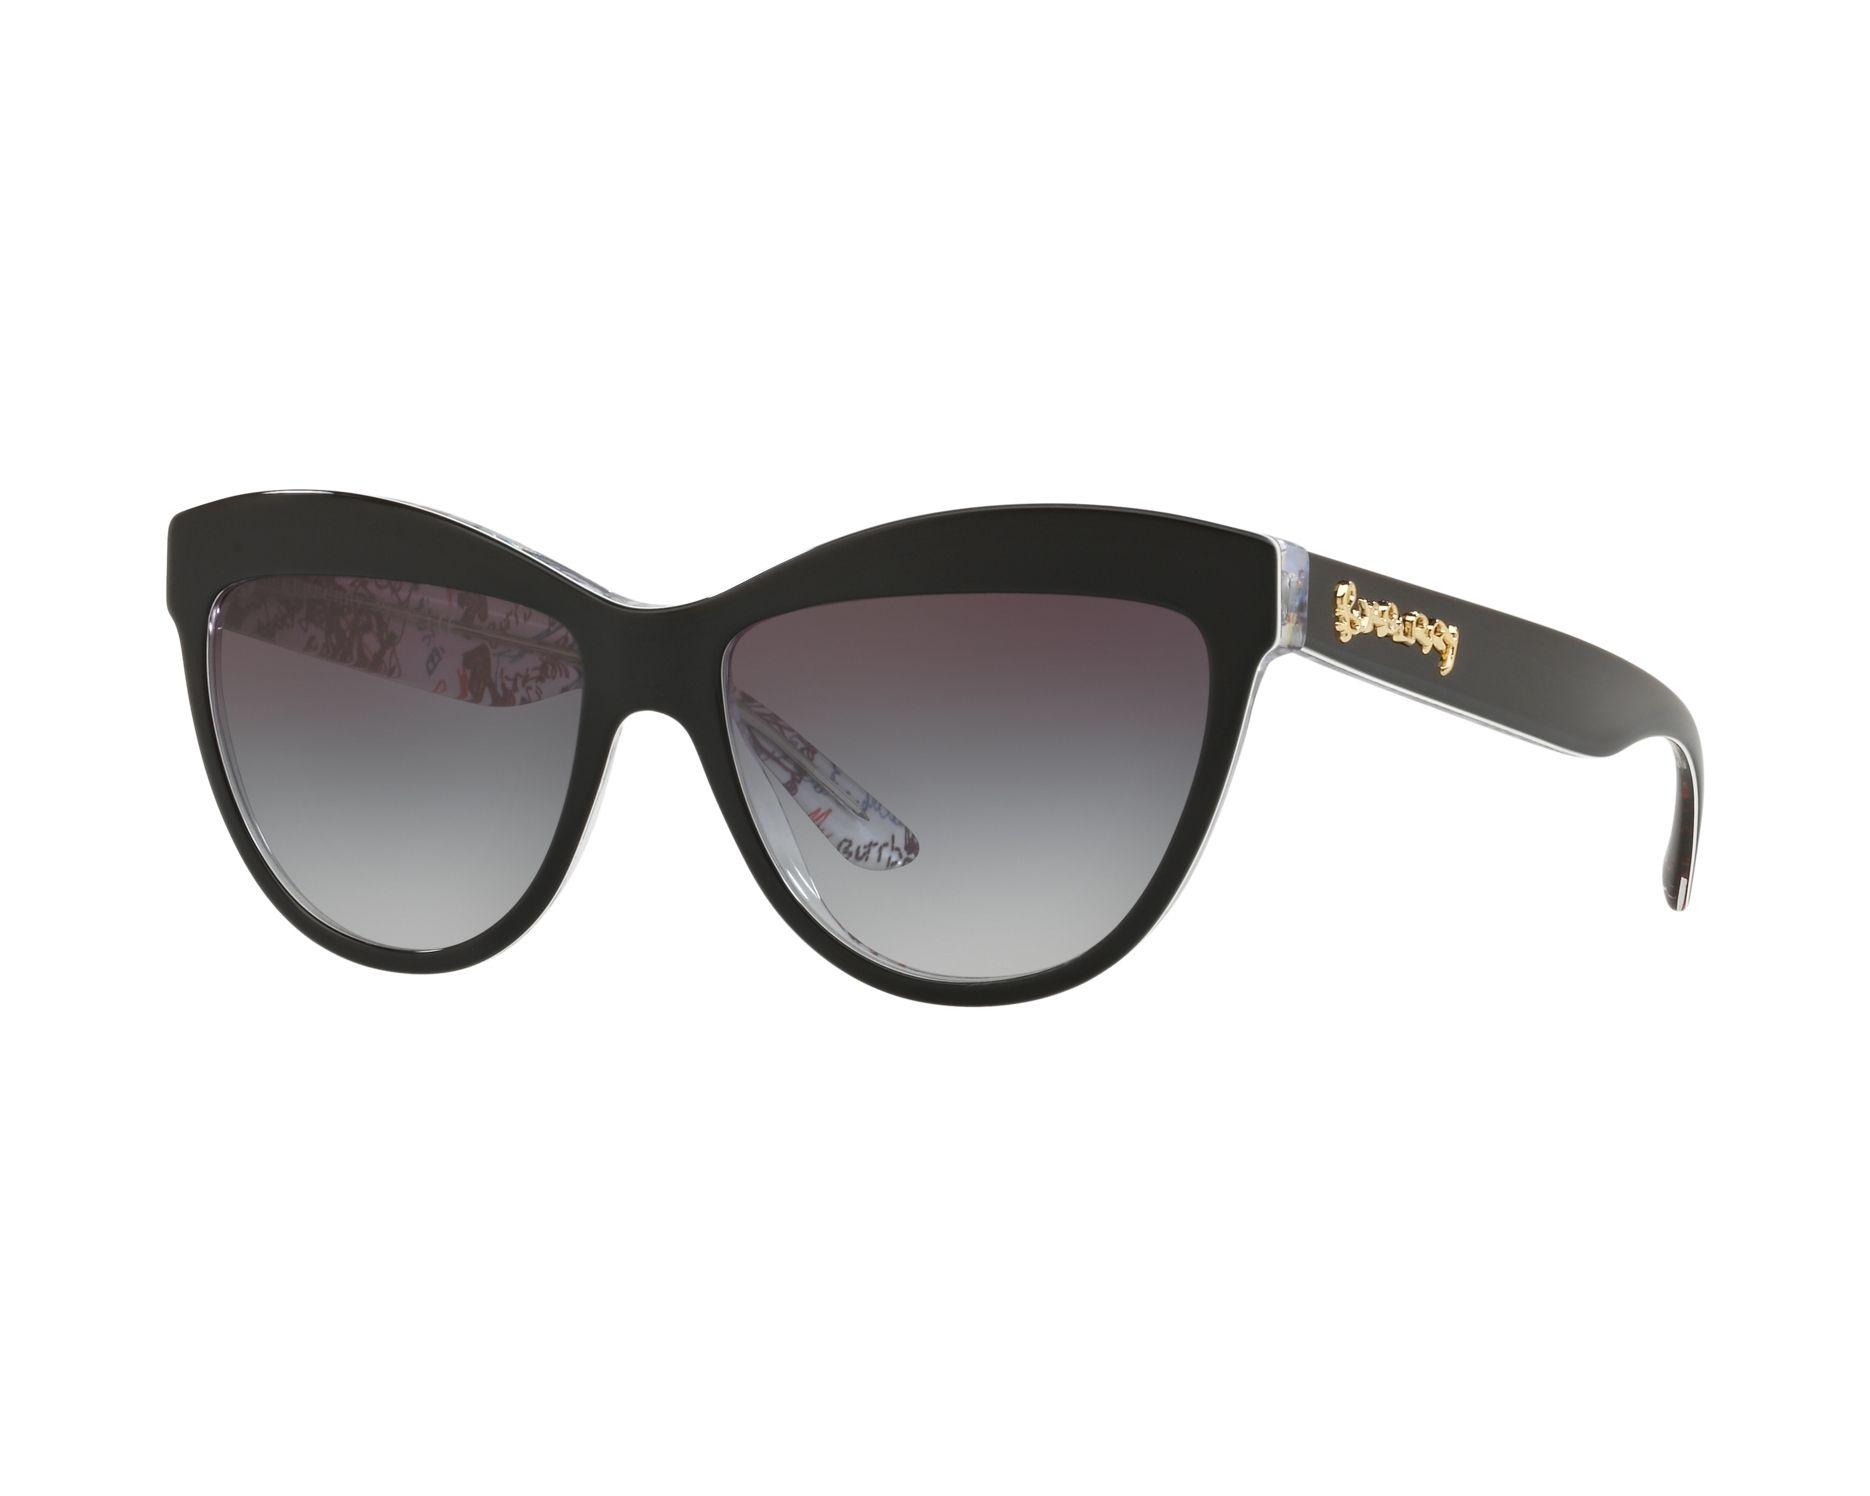 Lunettes de soleil burberry be 4267 37138g noir avec des verres gris - Verre lunette raye assurance ...